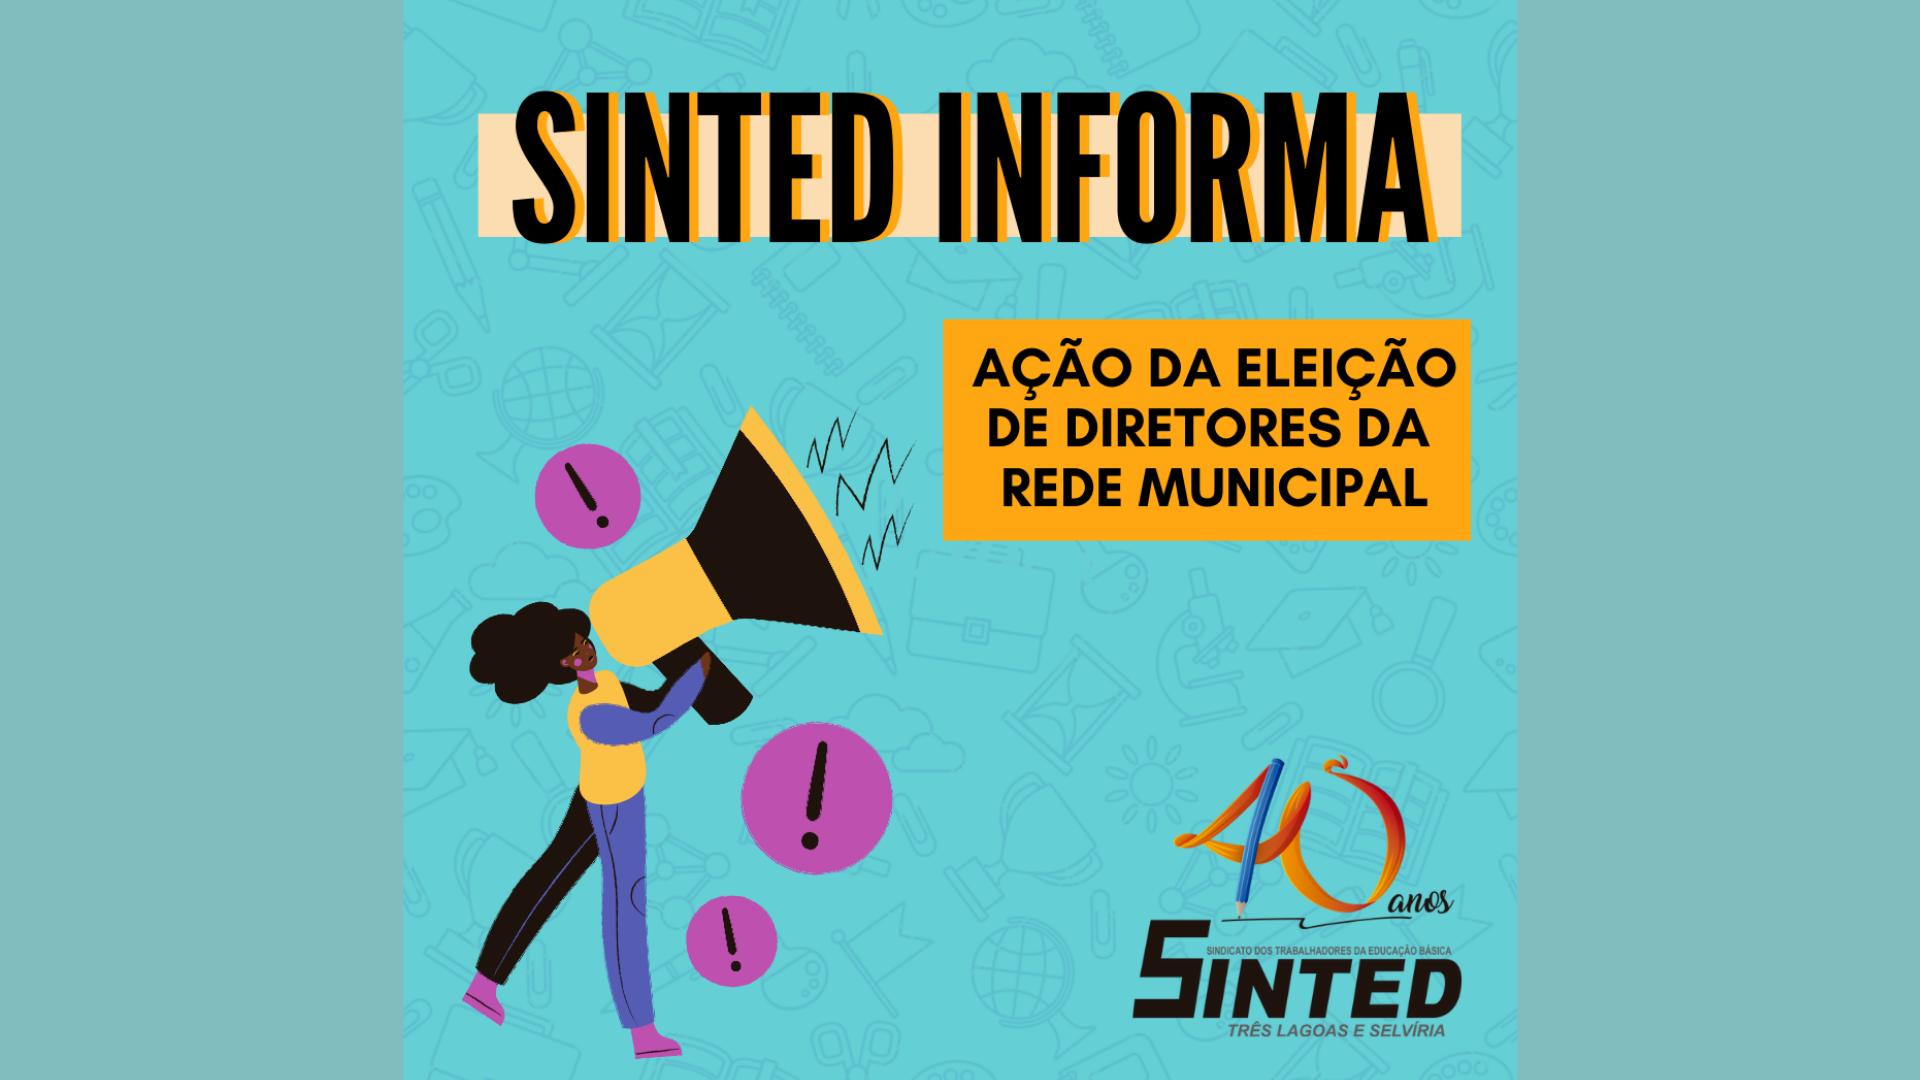 SINTED INFORMA: Ação da eleição de diretores da Rede Municipal 8